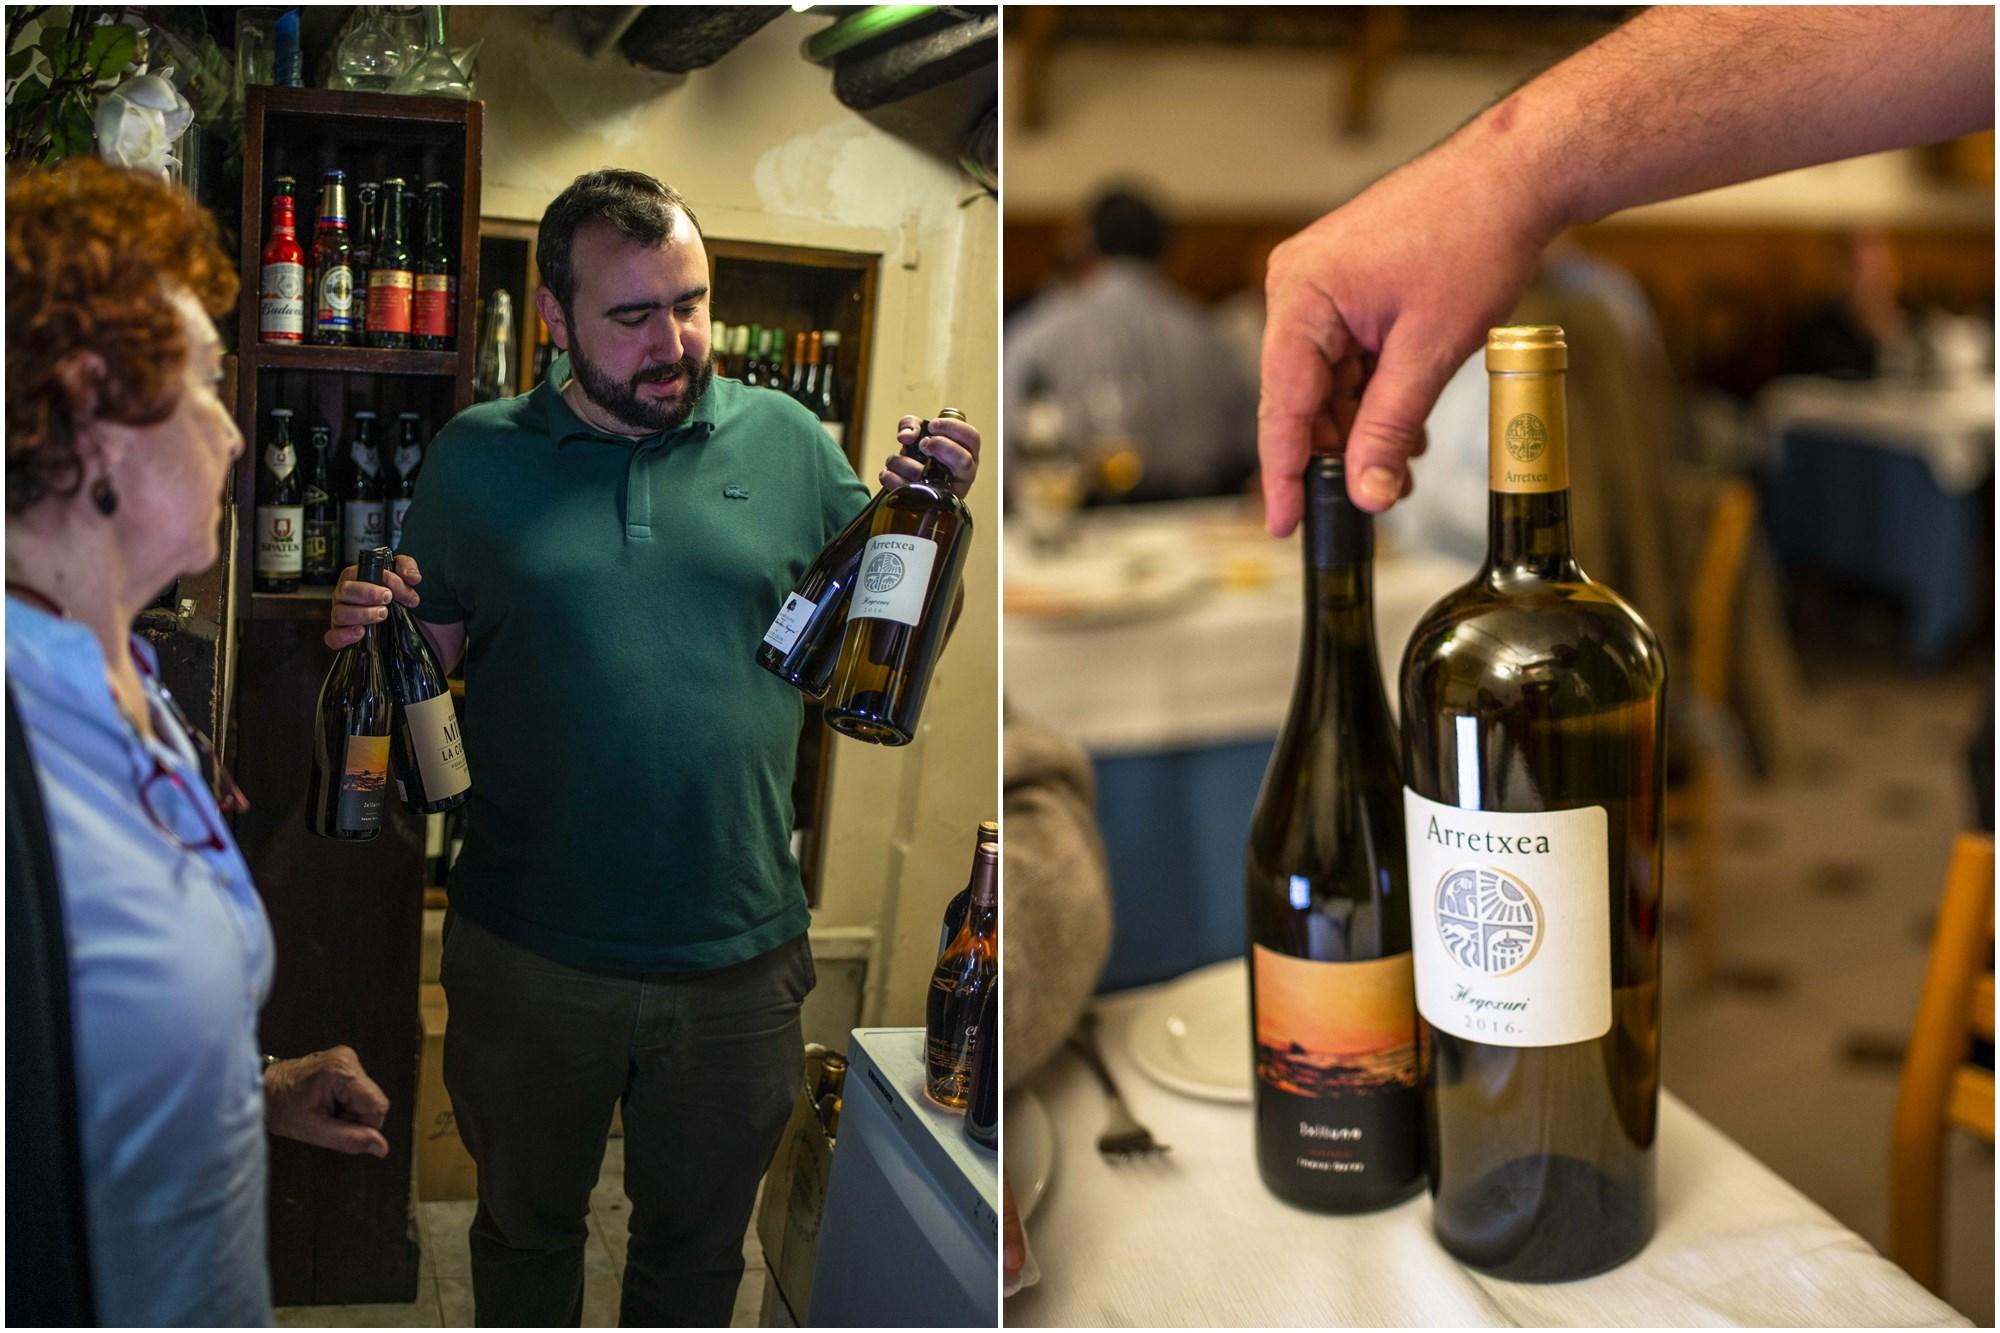 Arretxea, cultivo ecológico y biodinámico, ejemplo de los vinos con los que Amaiur ha dado un giro a la carta.